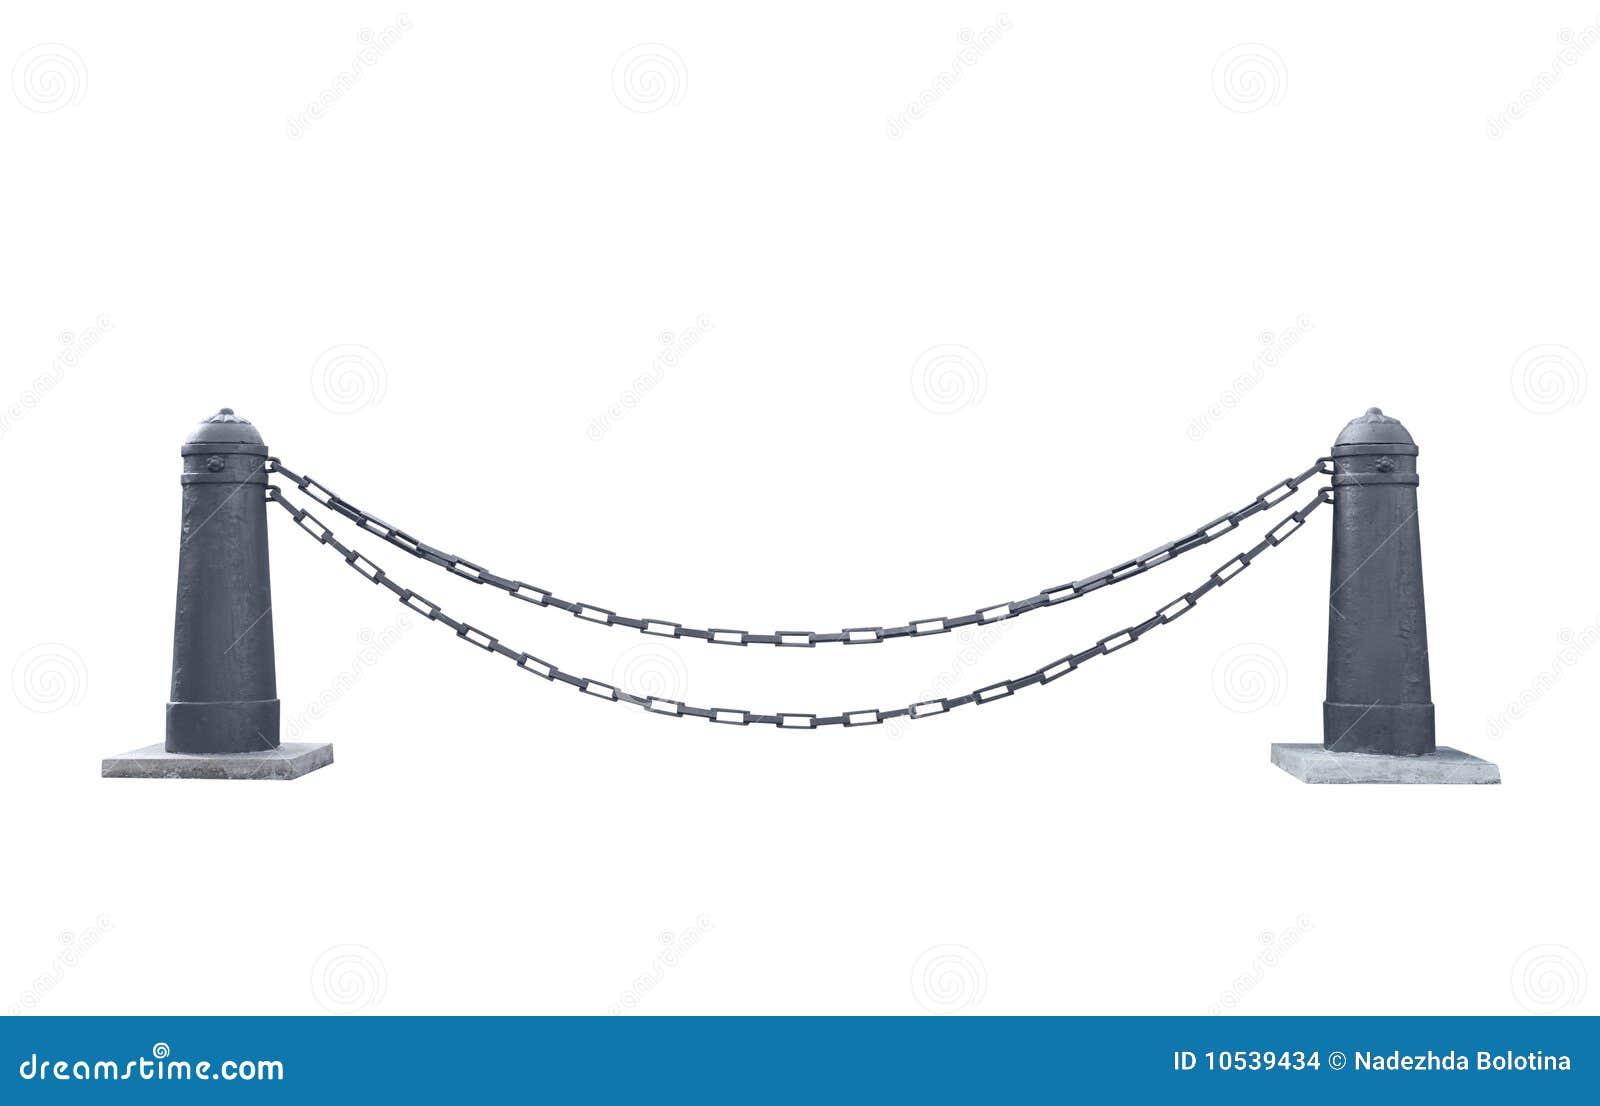 цепь барьера